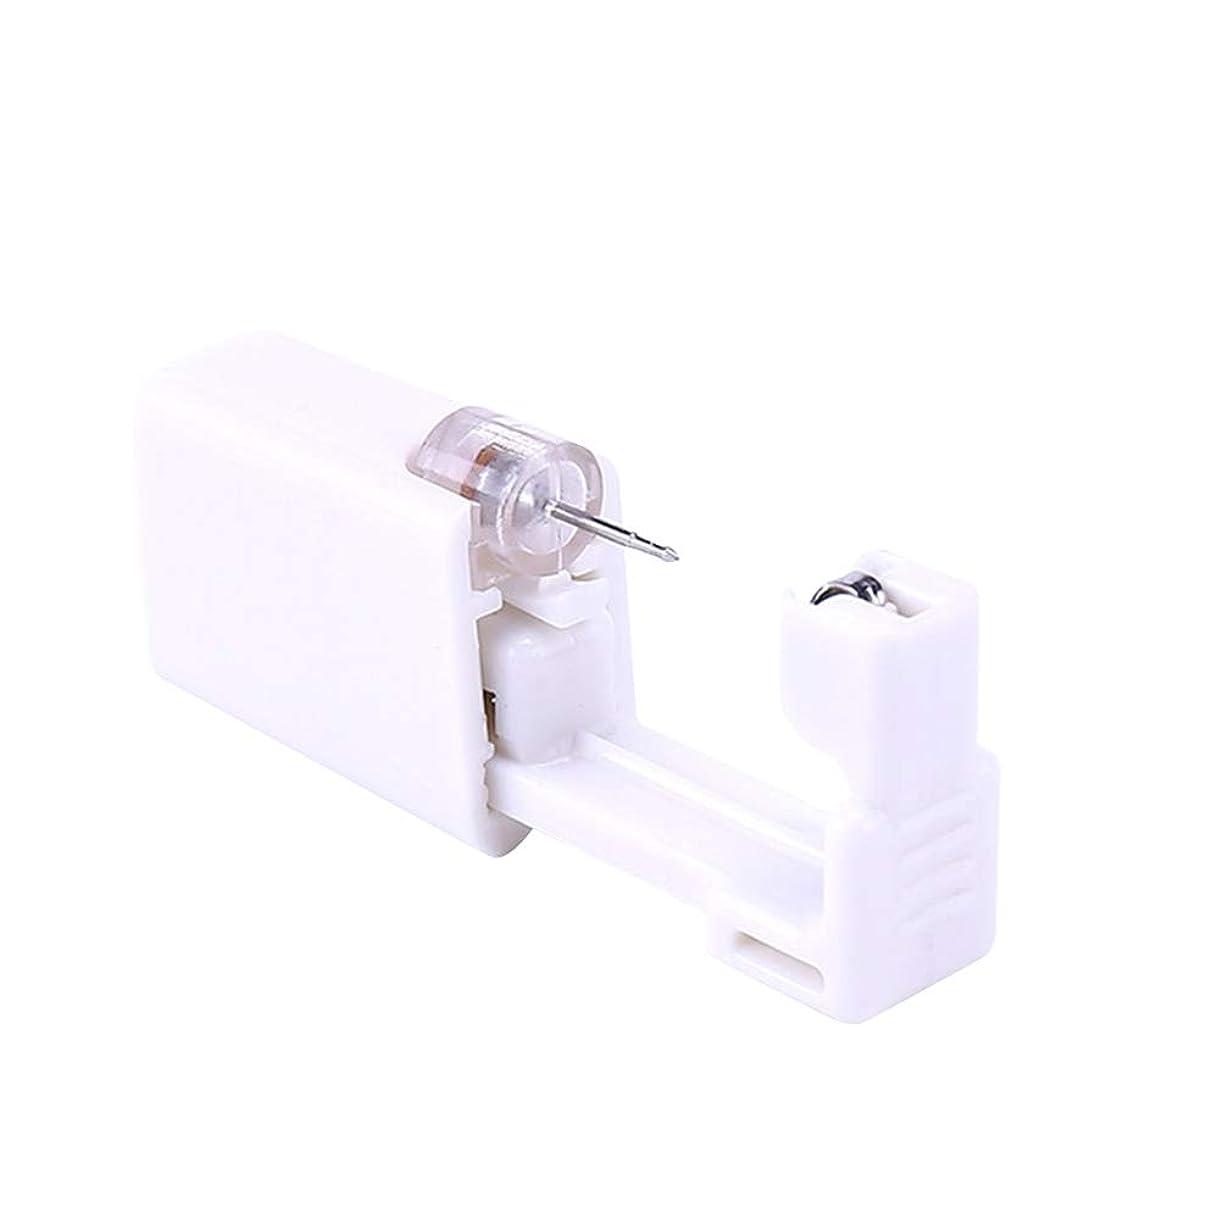 シリング手術保育園SUPVOX 2本使い捨て耳ピアスガンボディピアスガンピアスツールピアスデバイス(ホワイト)